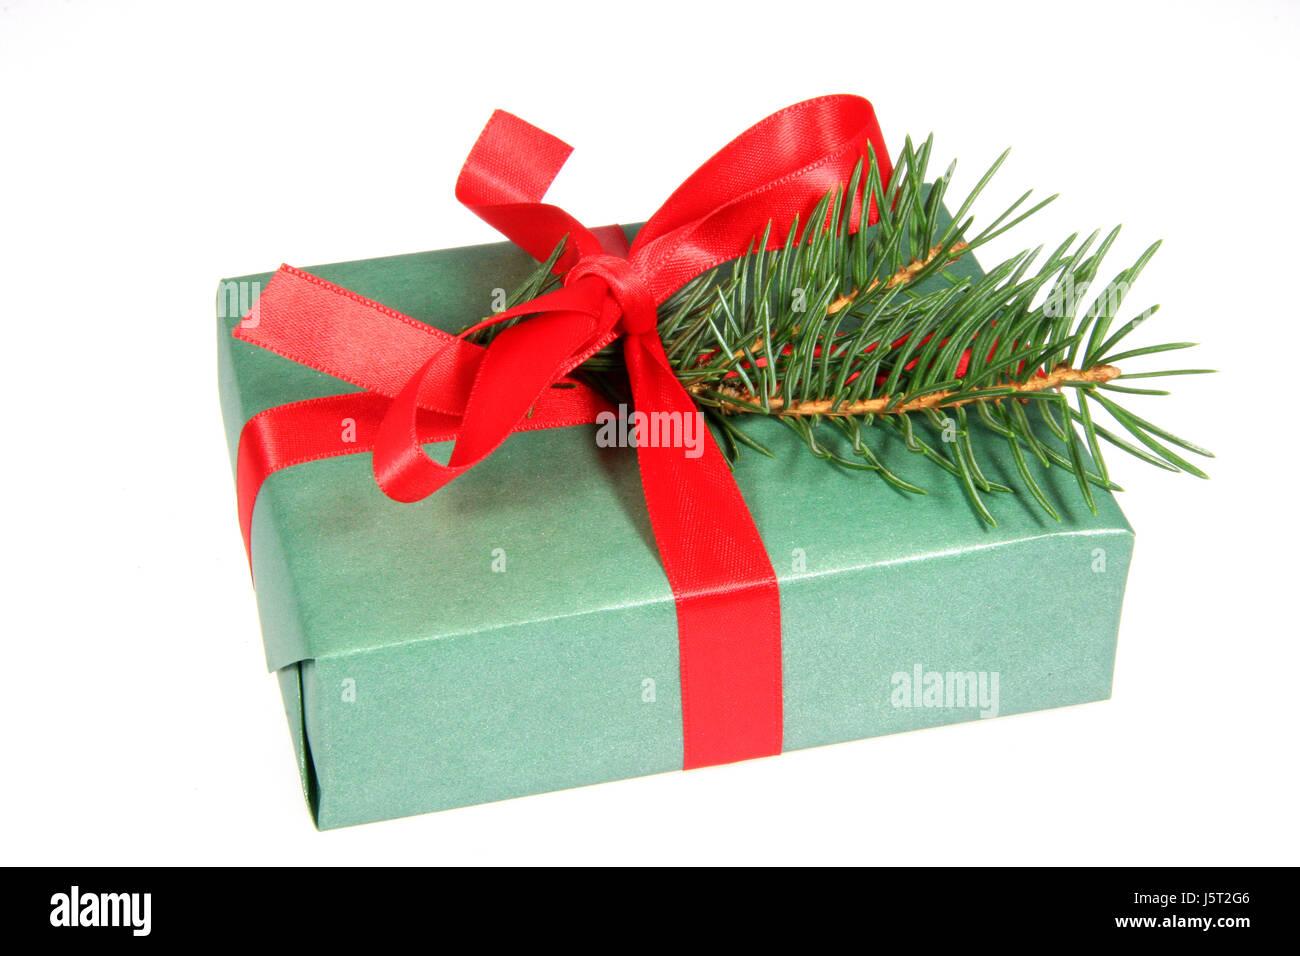 Paket-Geschenke, die Weihnachts-Box grüne Schleife ...